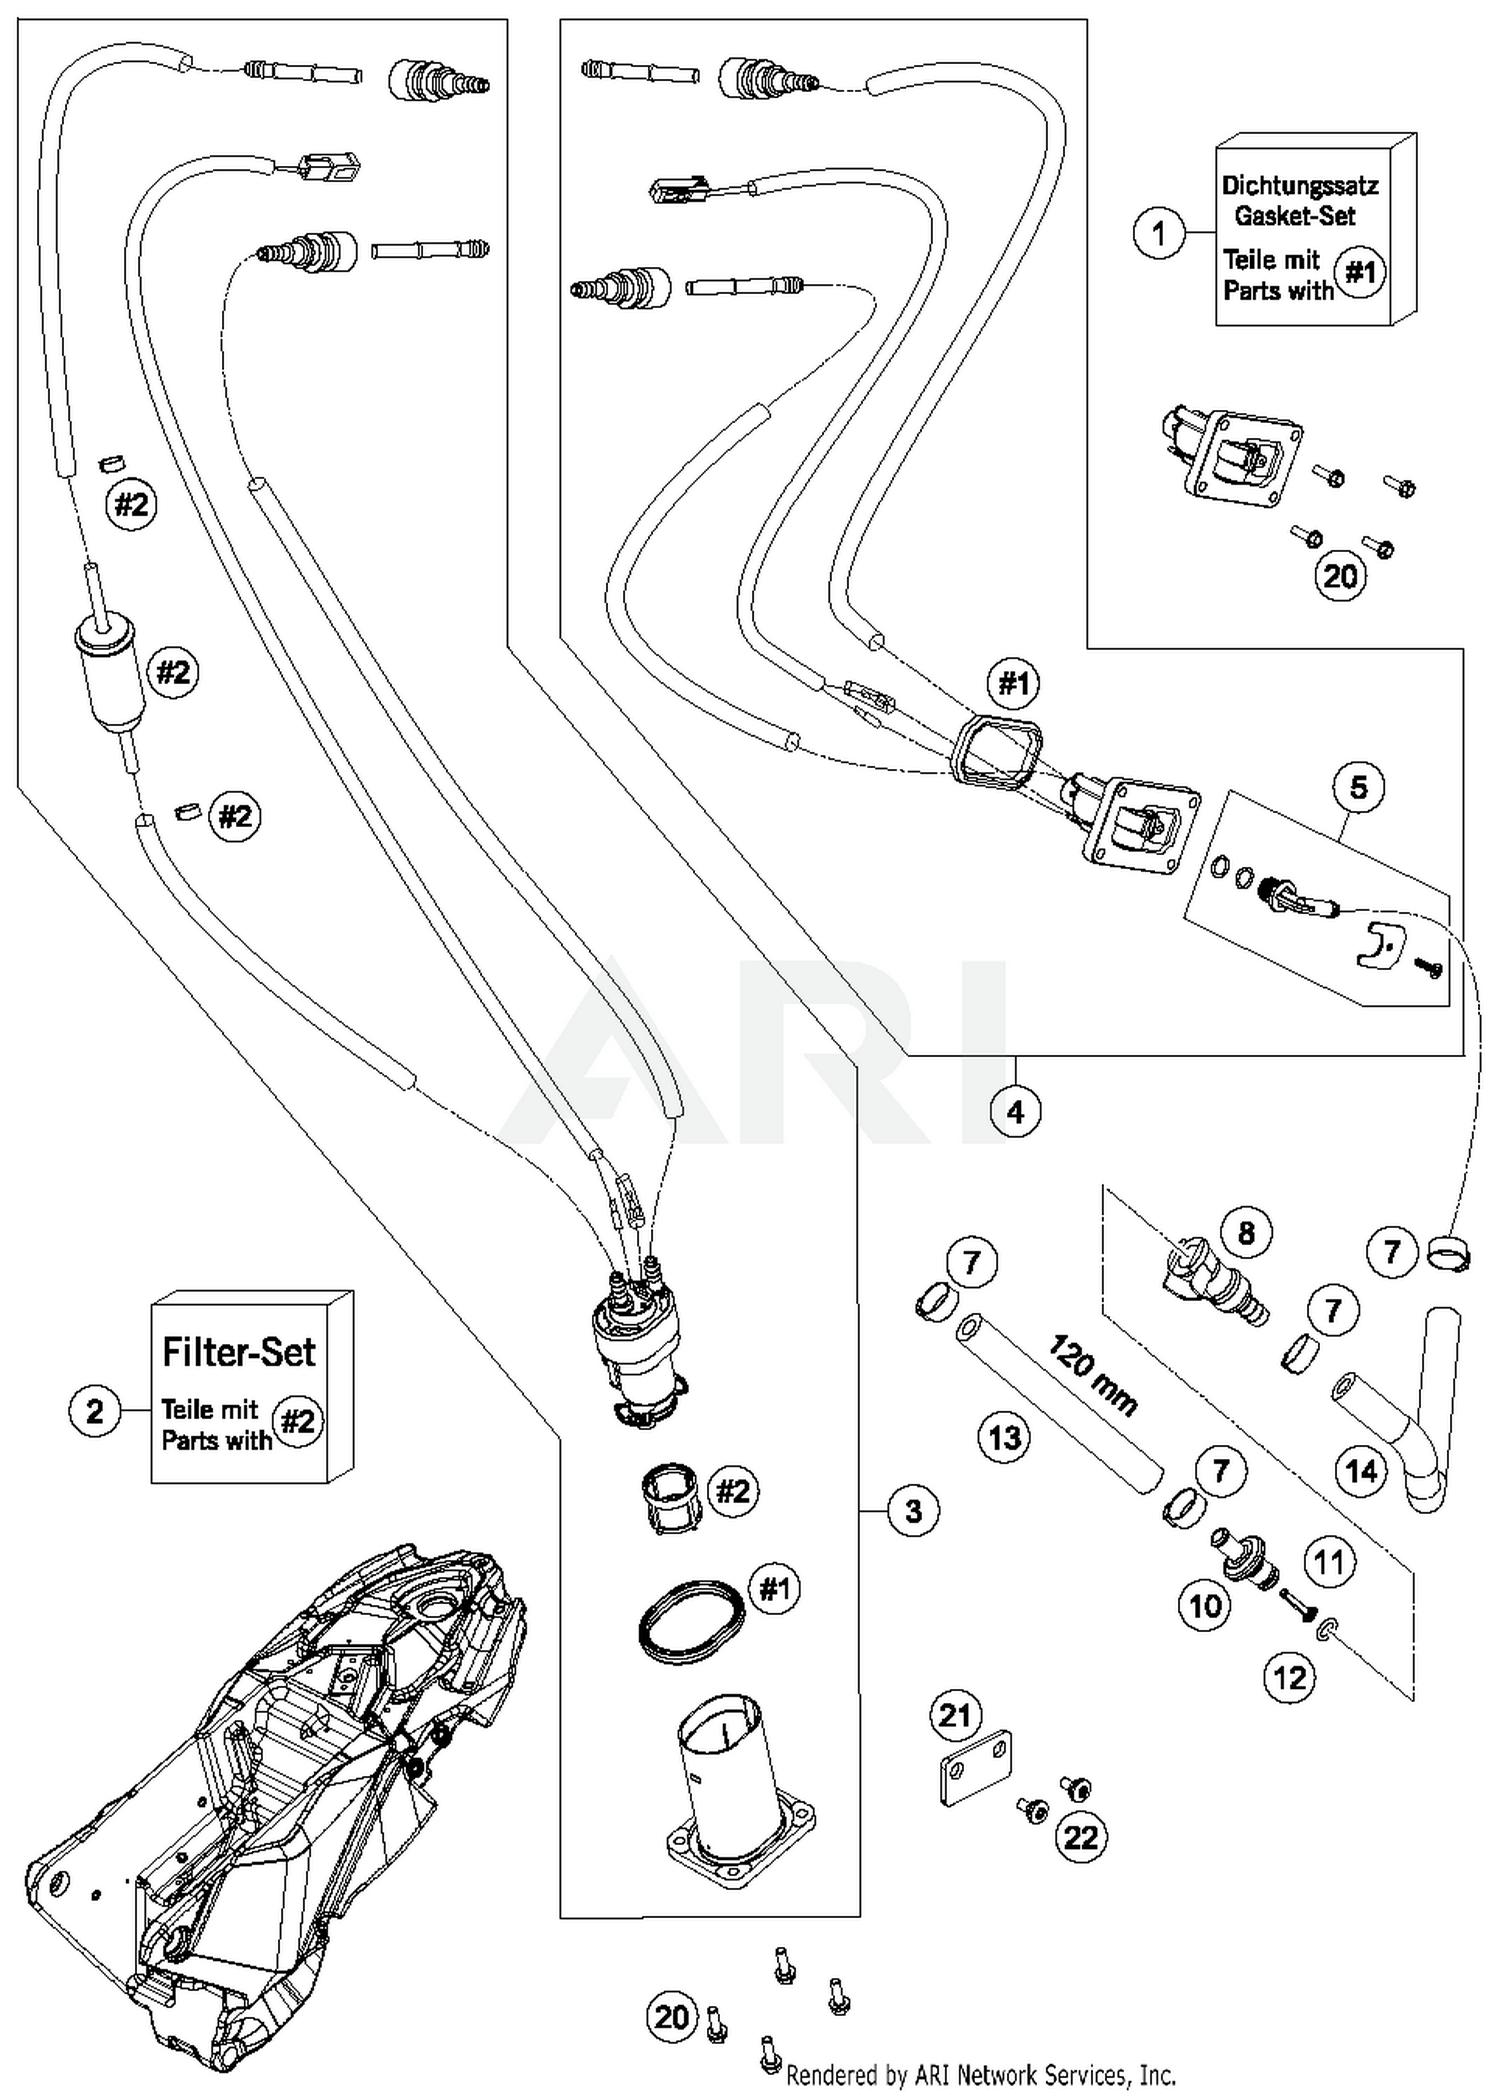 2017 Husqvarna 701 Enduro Fuel Pump Parts - Best OEM Fuel Pump Parts